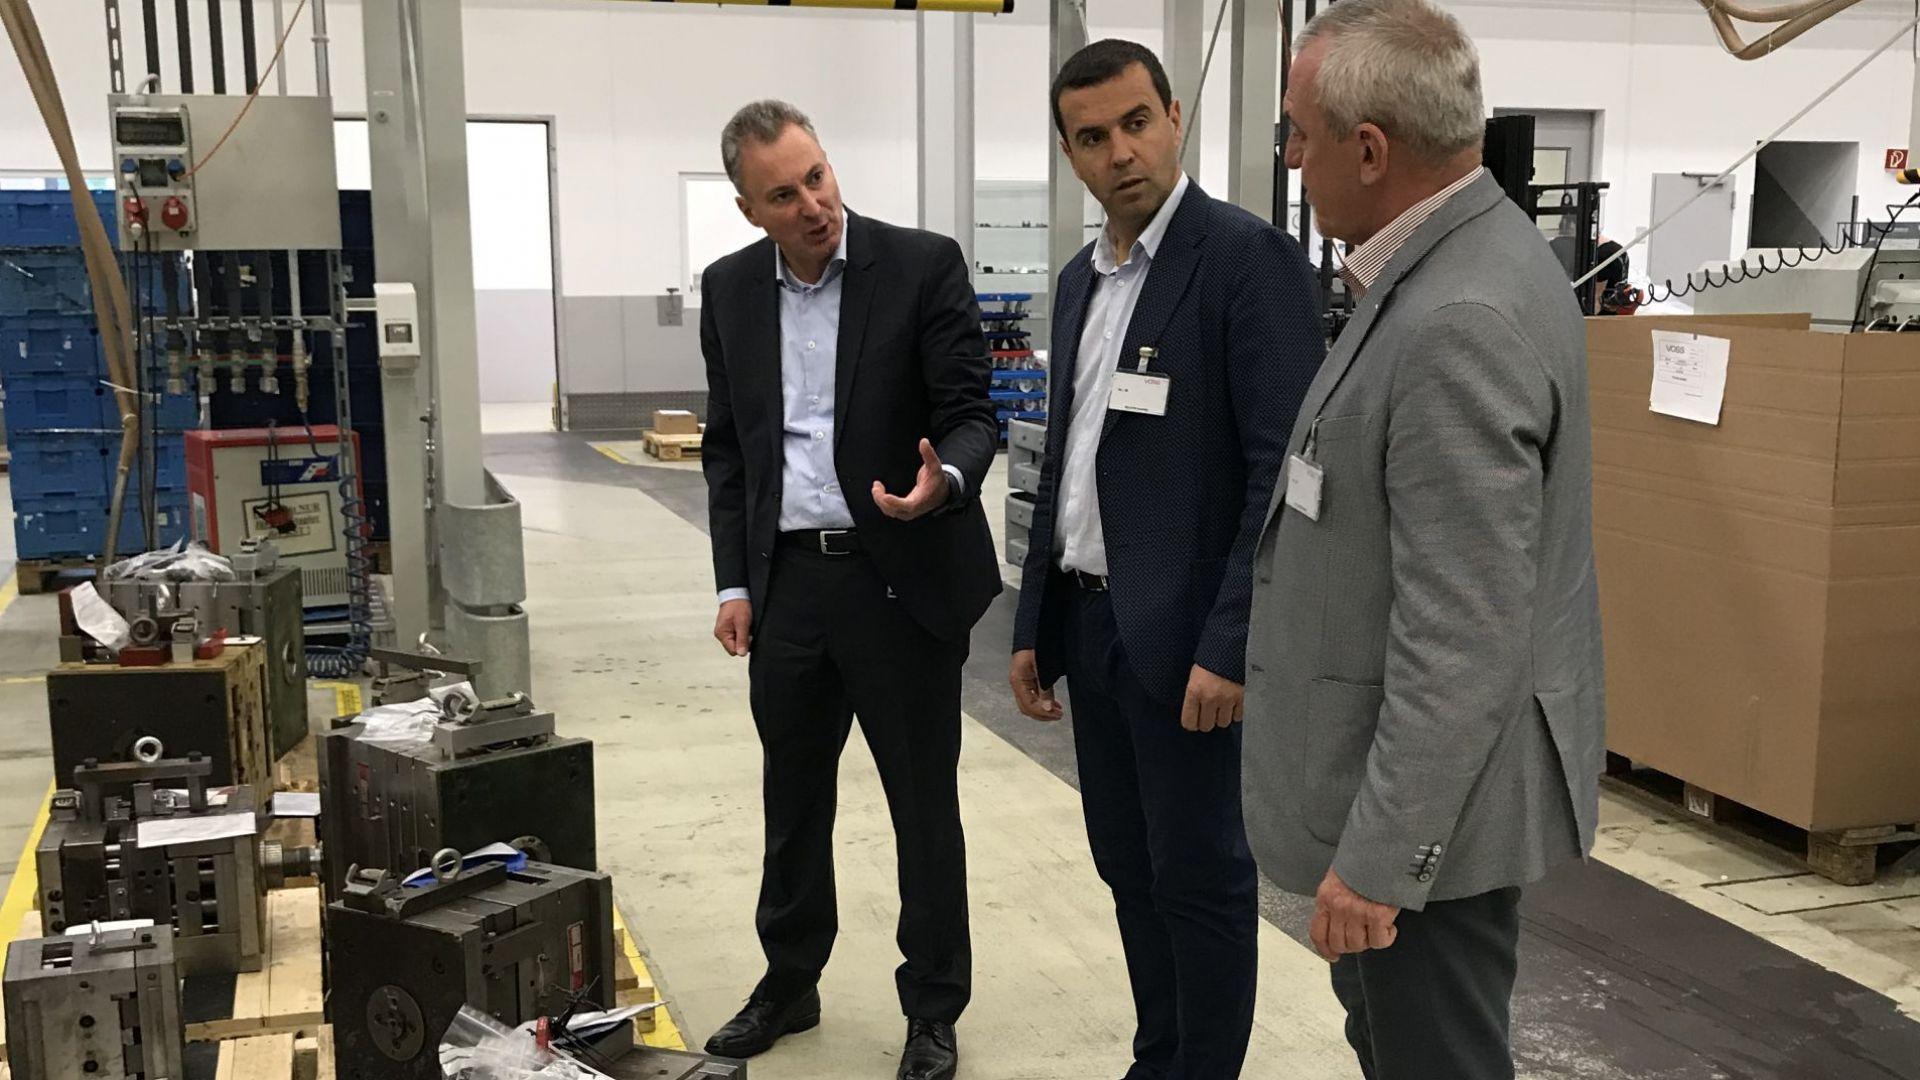 Нов завод за авточасти у нас обсъждат България и Германия